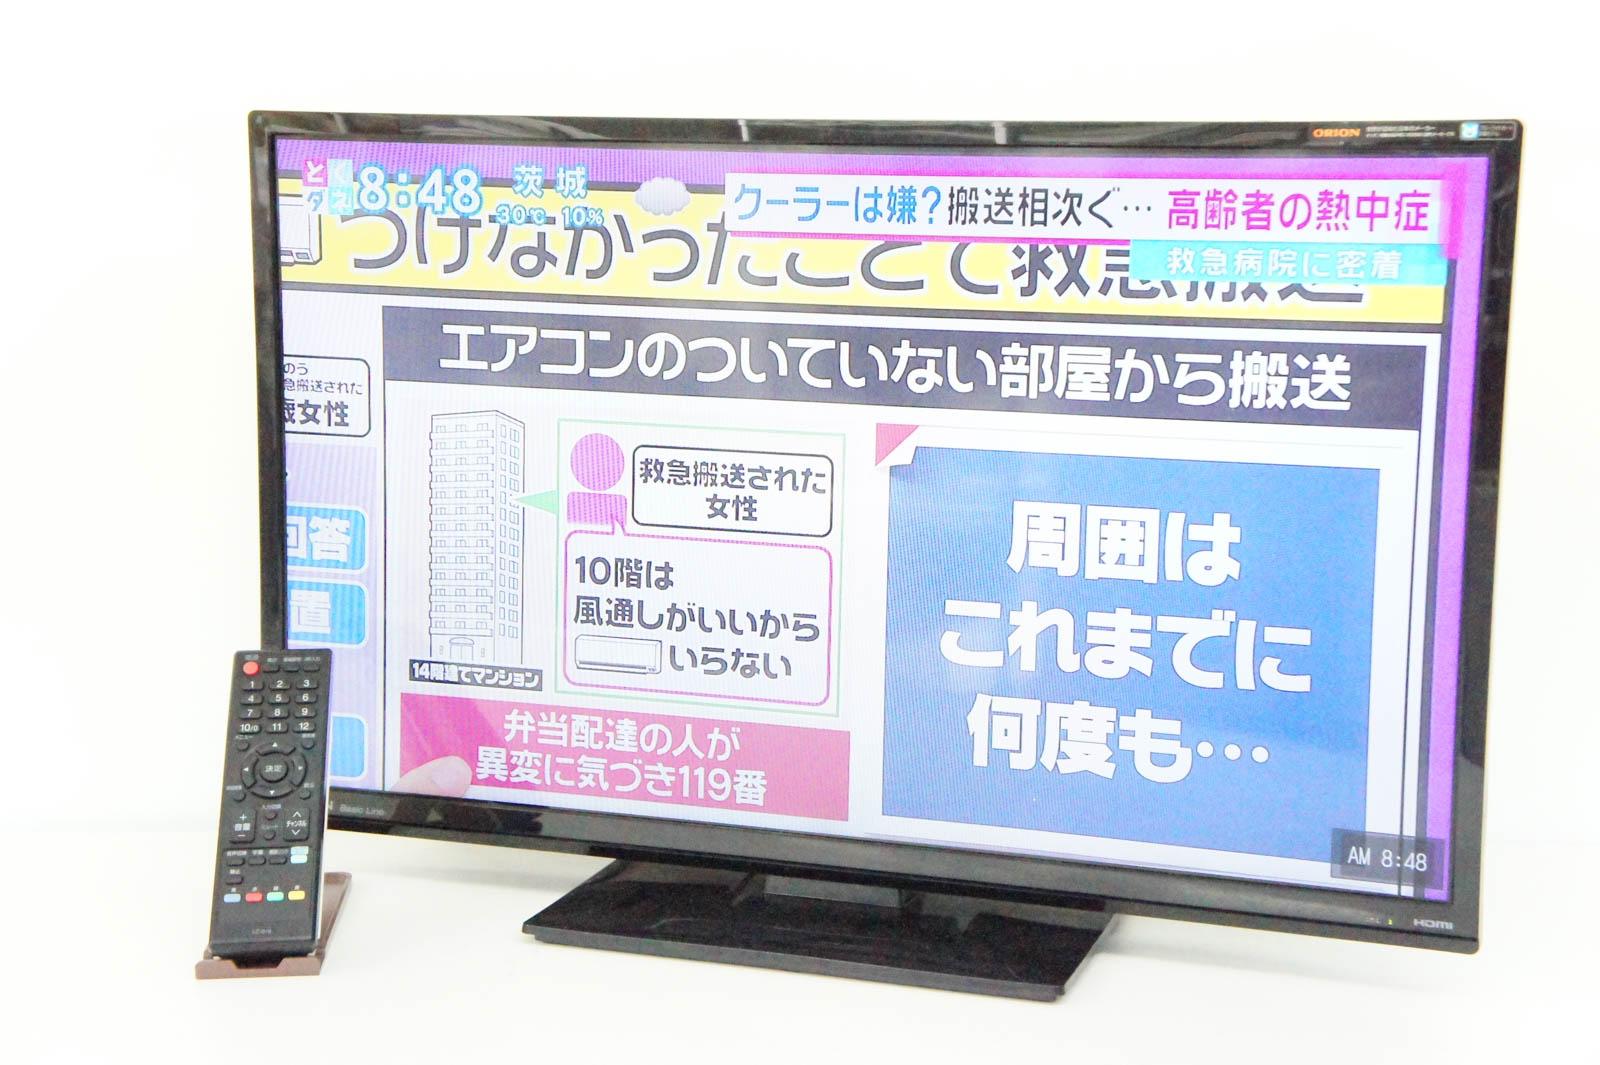 【中古】ORIONオリオン 29V型 地上デジタルチューナー内蔵 液晶テレビ LX-291BP